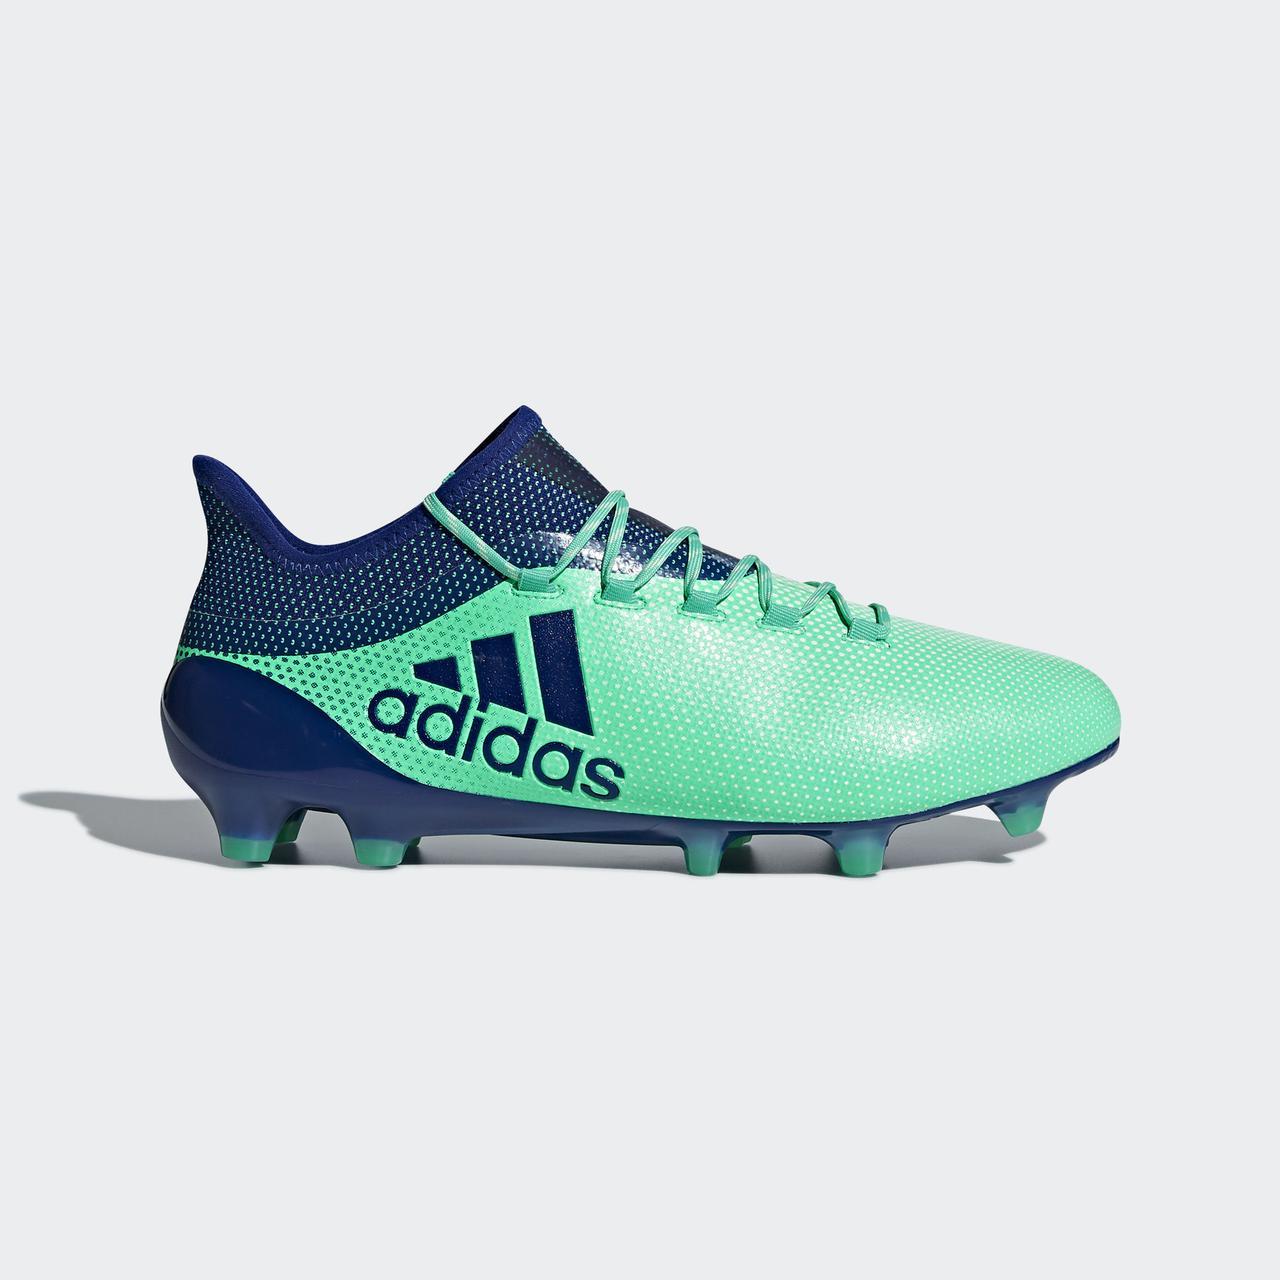 Купить Футбольные бутсы Adidas Performance X 17.1 FG (Артикул ... 39e1cf99866